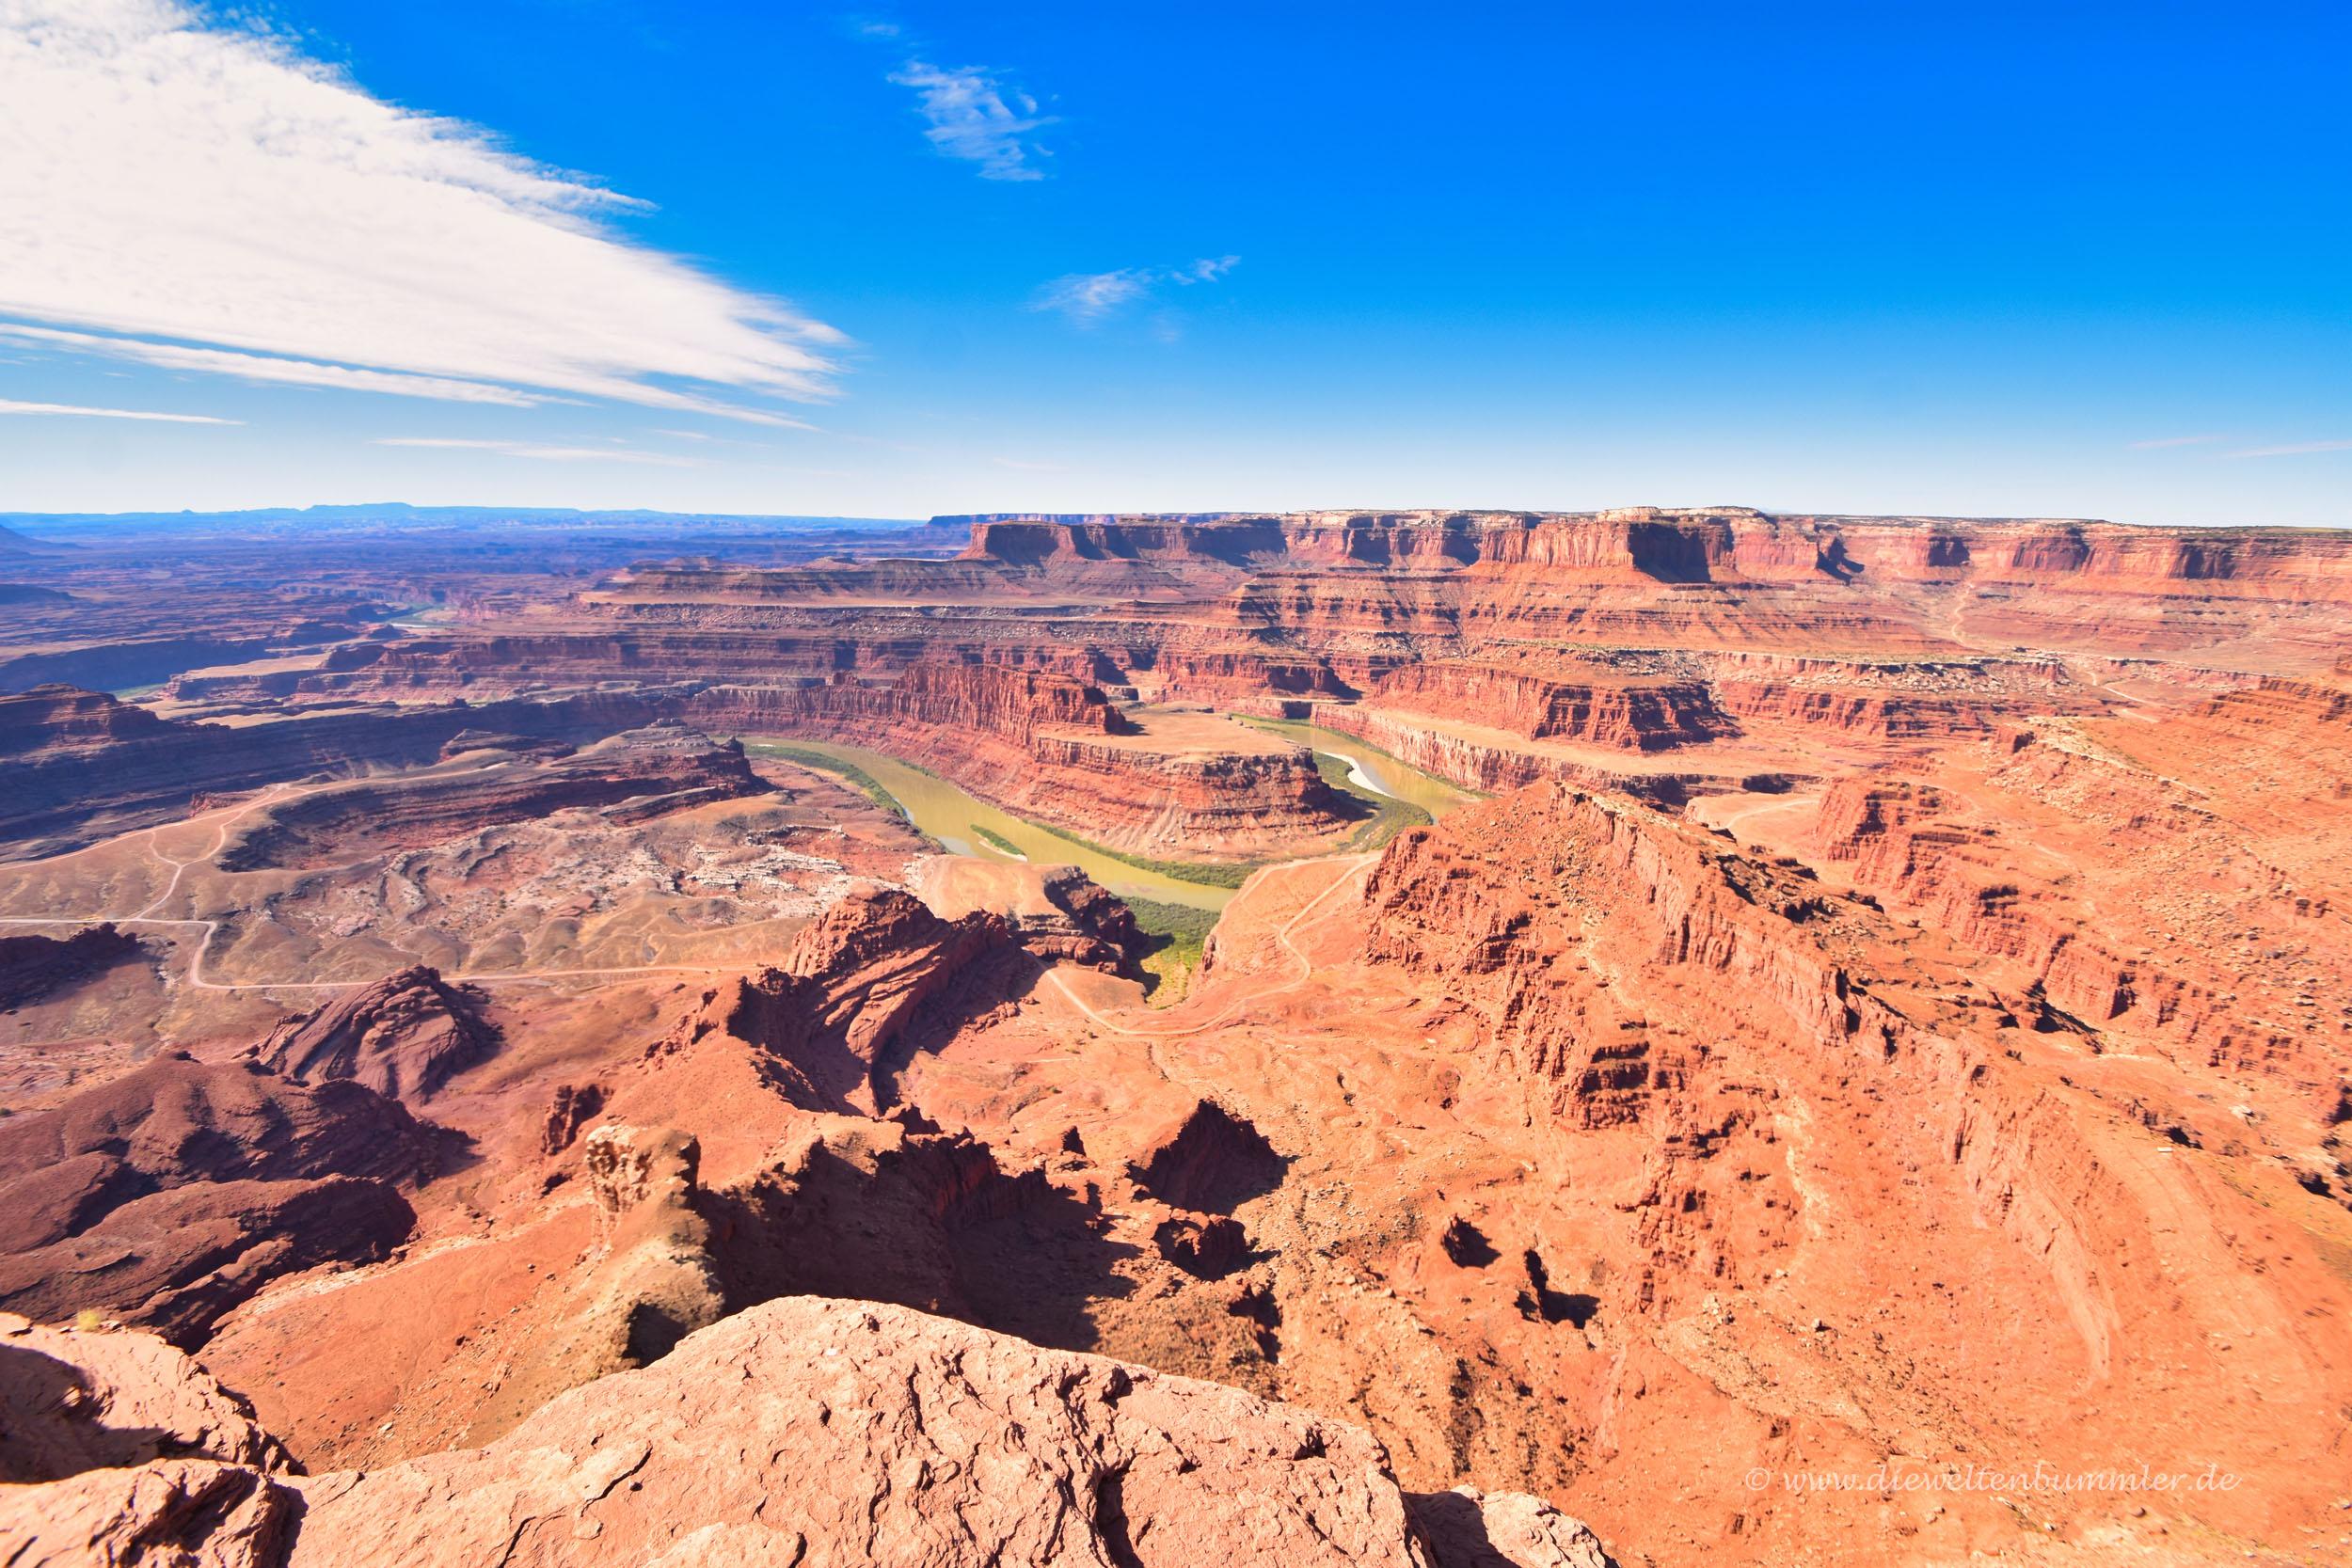 Traumhafte Landschaften im Westen der USA